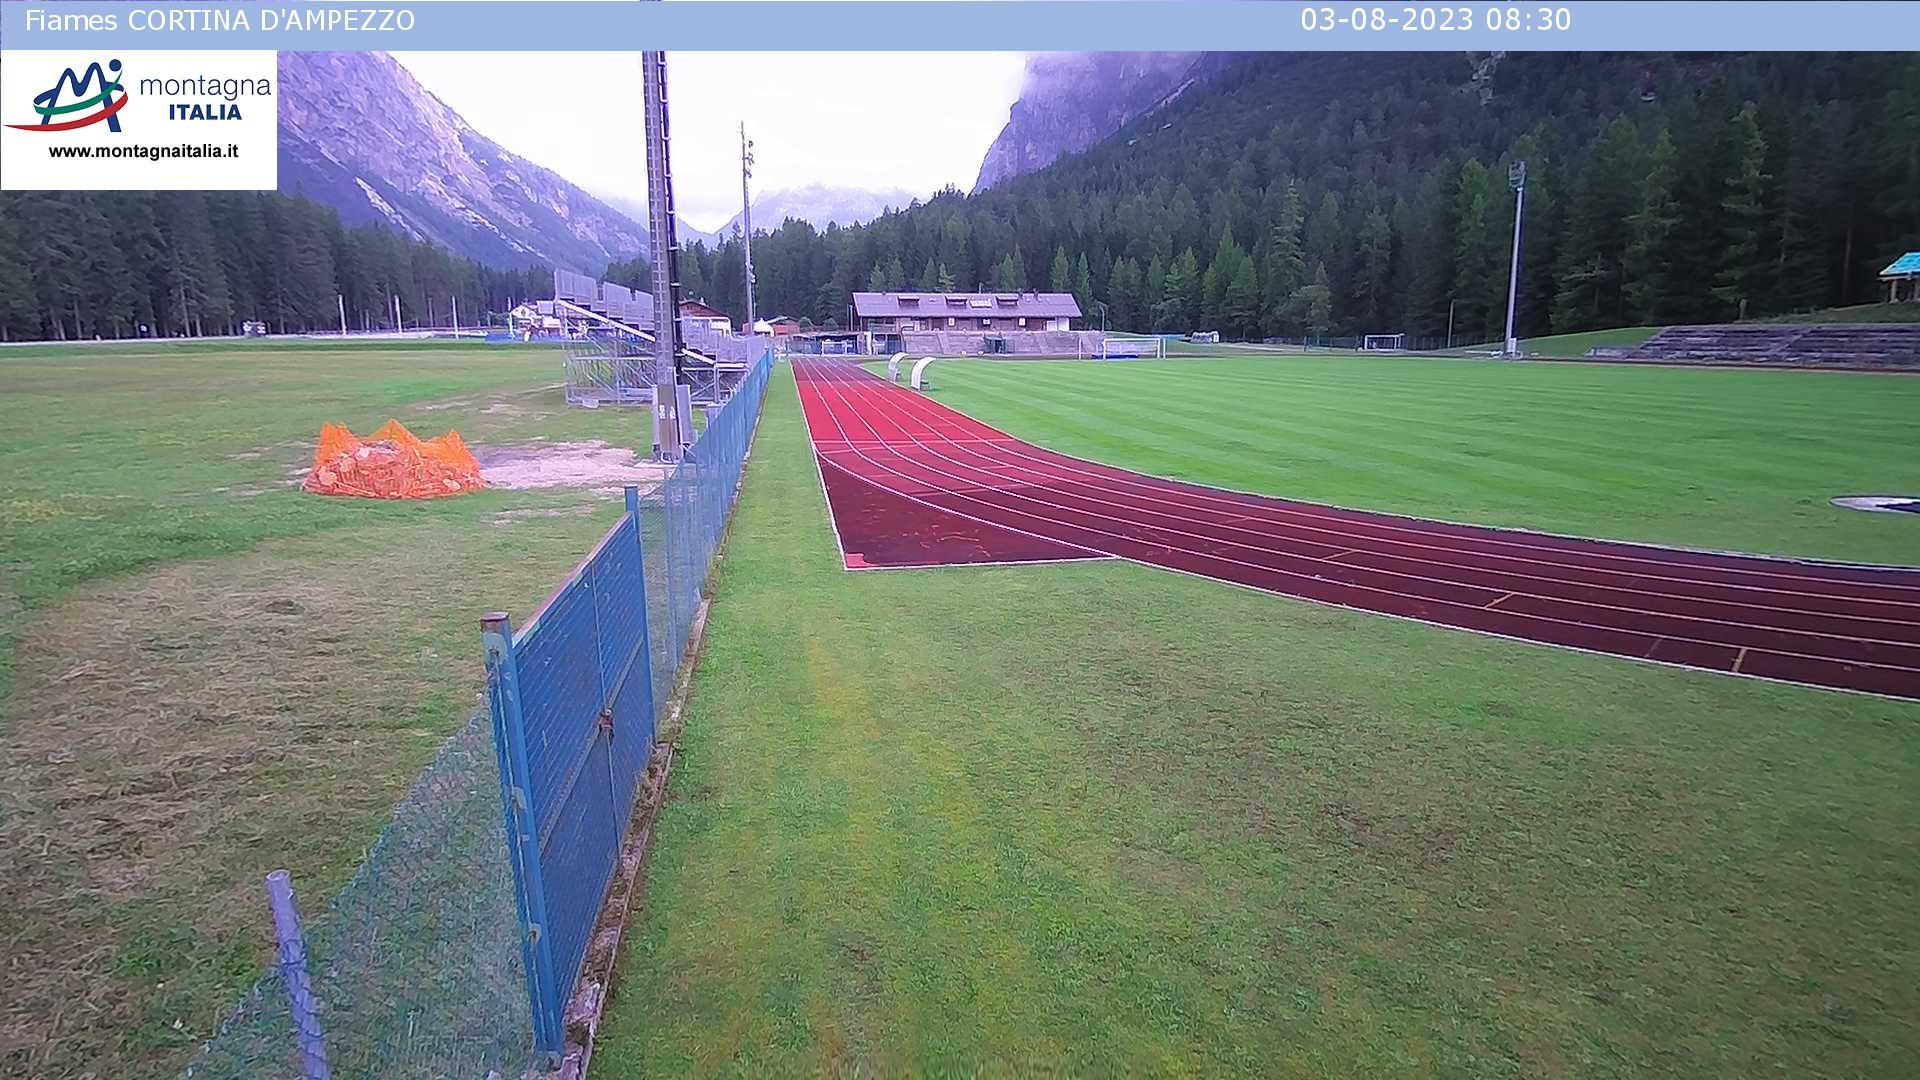 Dallo stadio di Fiames, tratto sci nordico